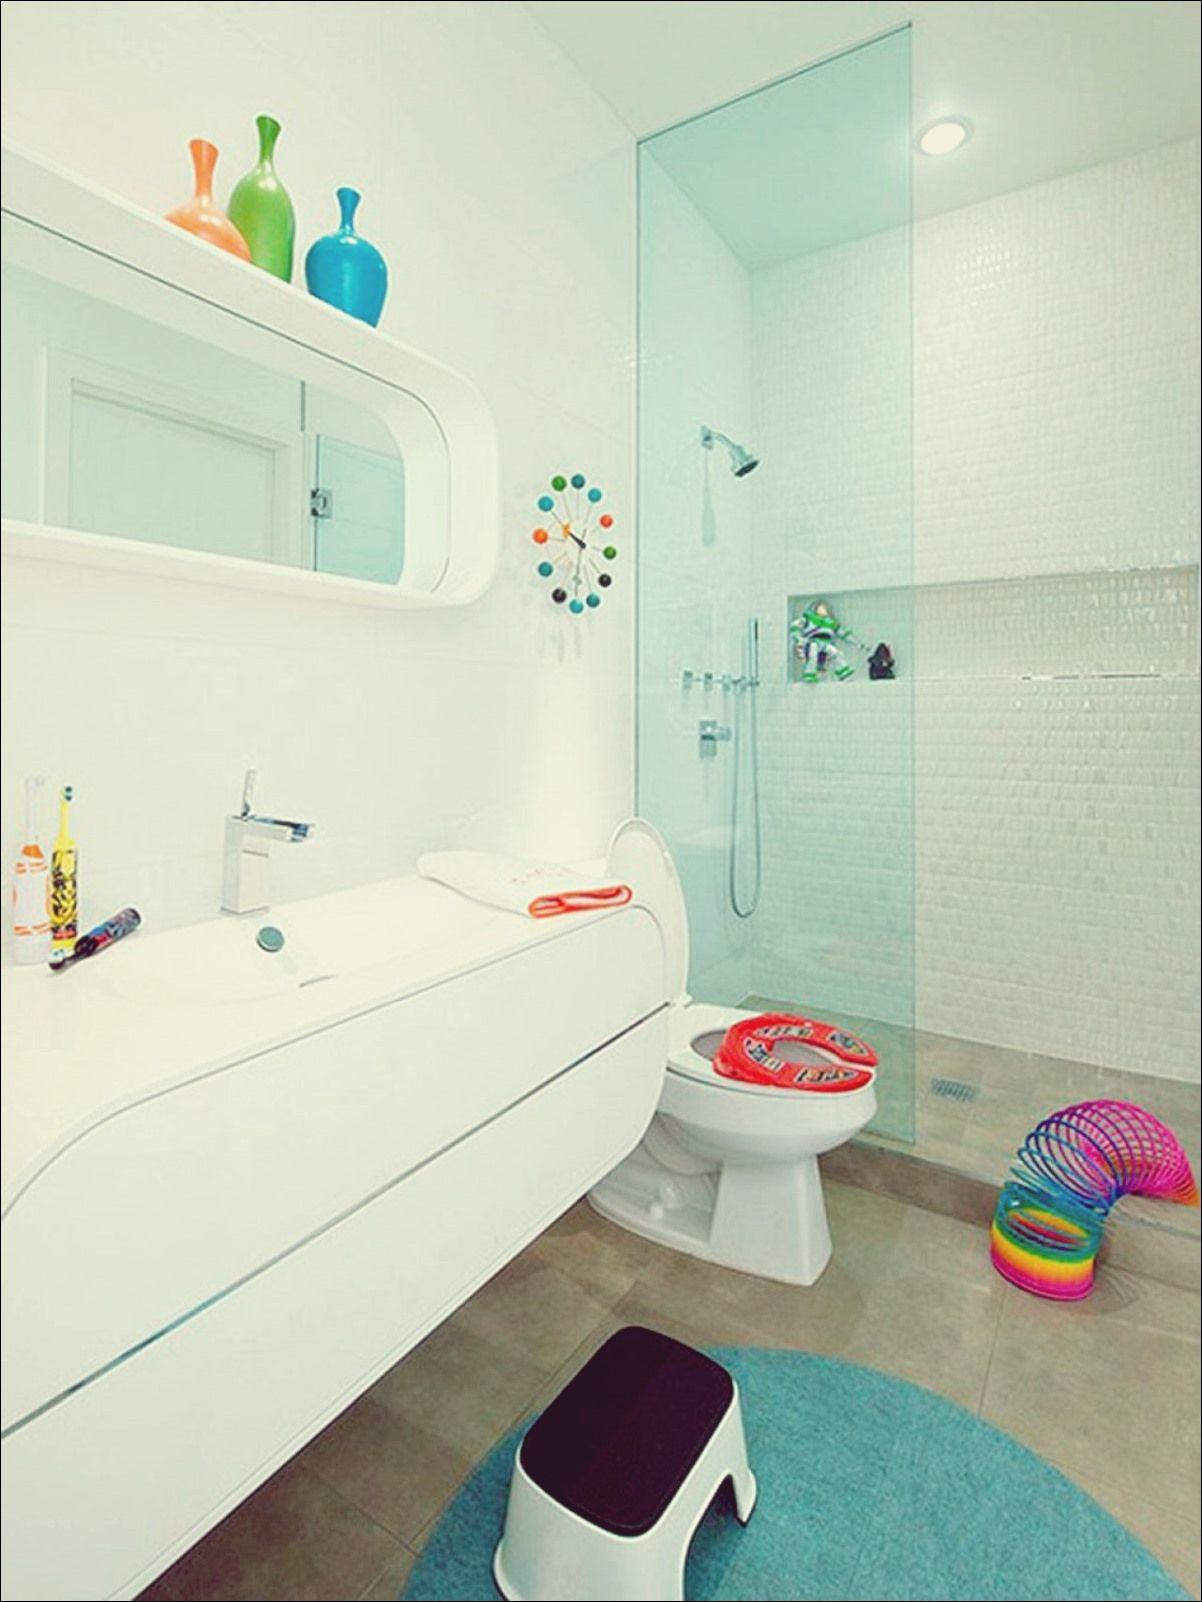 12 Tipps Fur Die Besten Kinder Badezimmer Dekor Bad Deko Kinder Badezimmer Badezimmer Dekor Badezimmer Farbideen